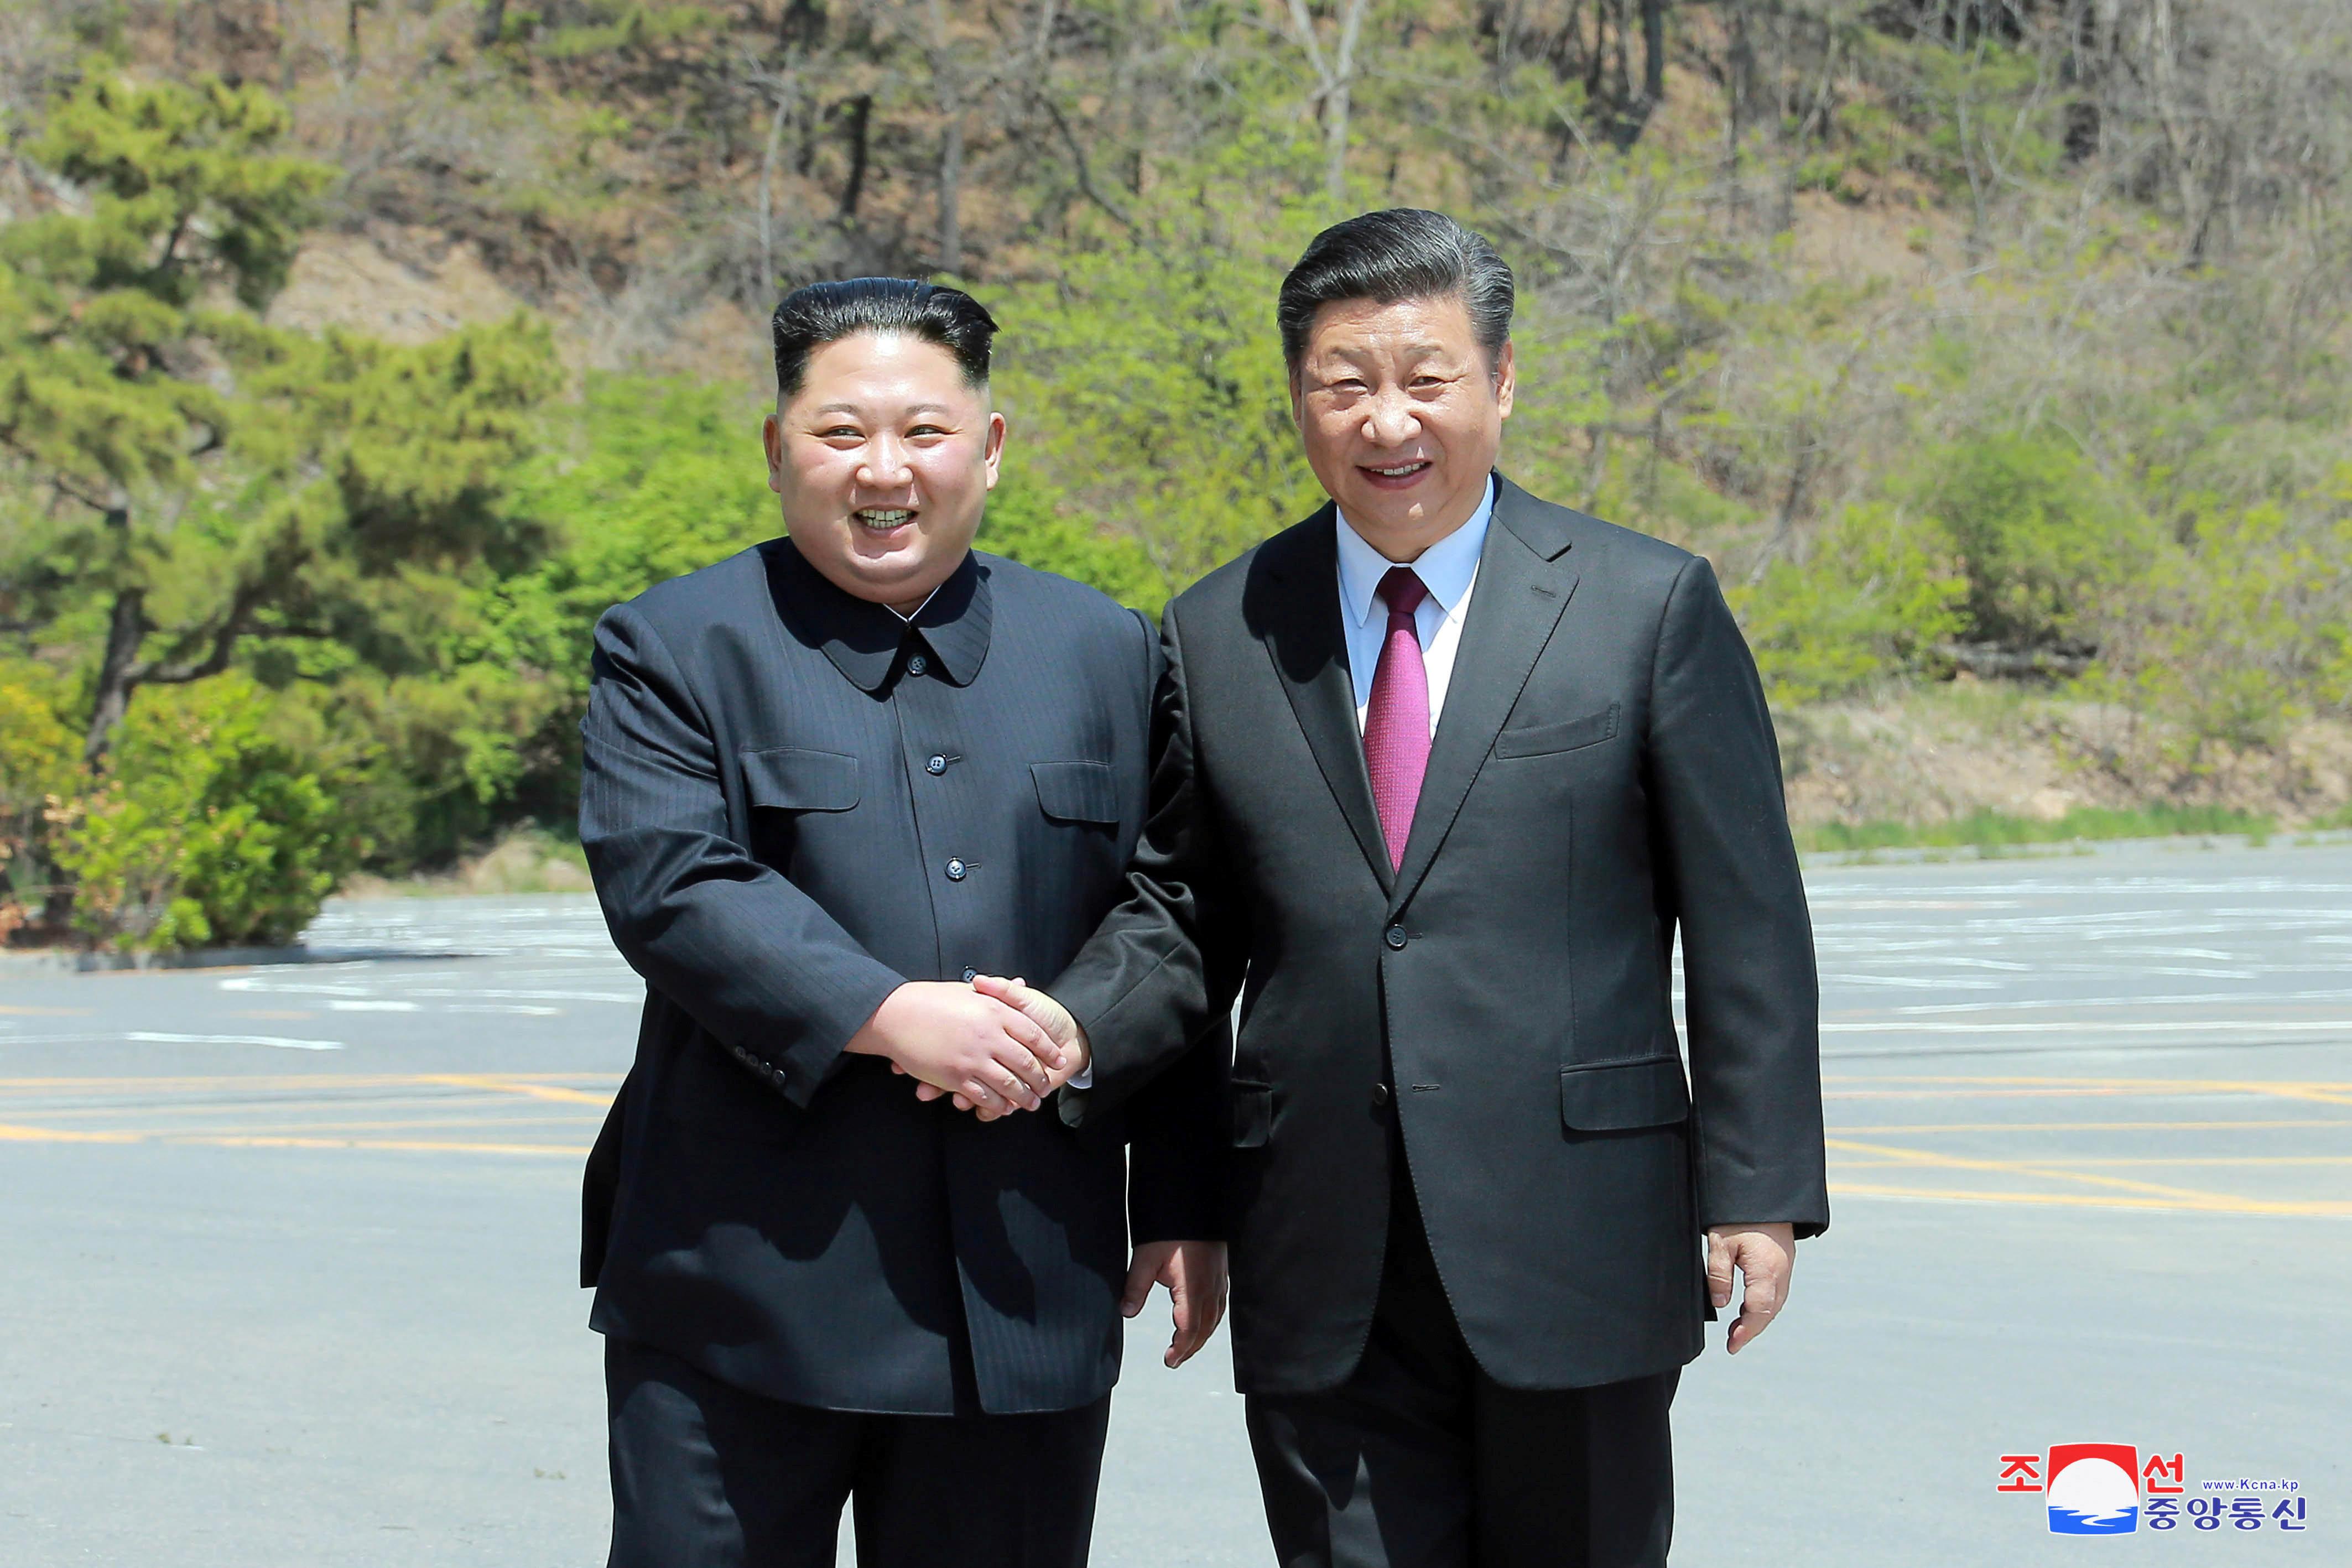 비핵화 국면의 한 컷, 김정은의 시진핑